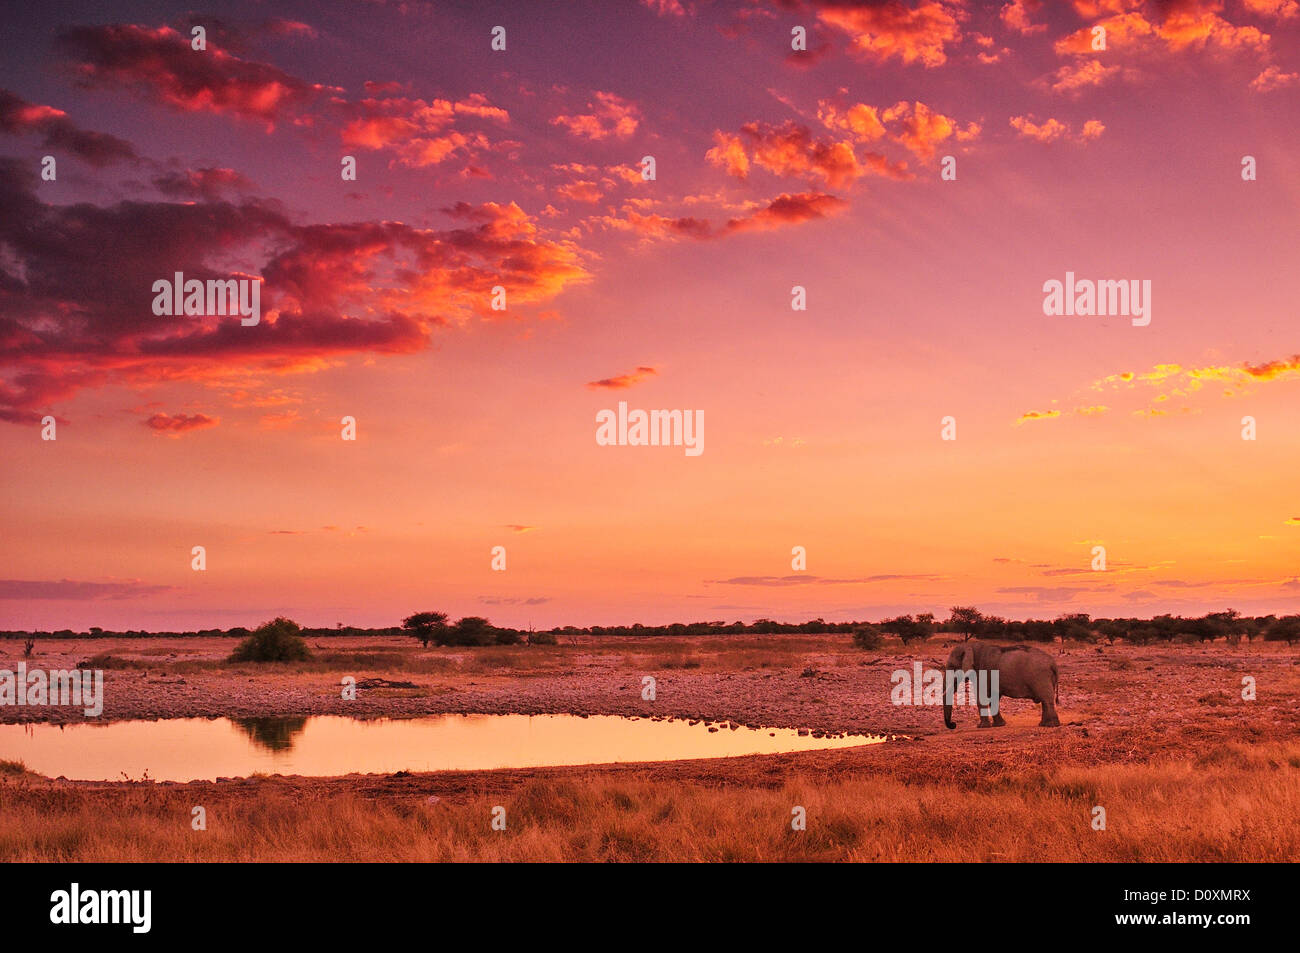 L'Afrique, la Namibie, Etosha, Parc National, coucher du soleil, l'éléphant, animal, eau, safari, Photo Stock